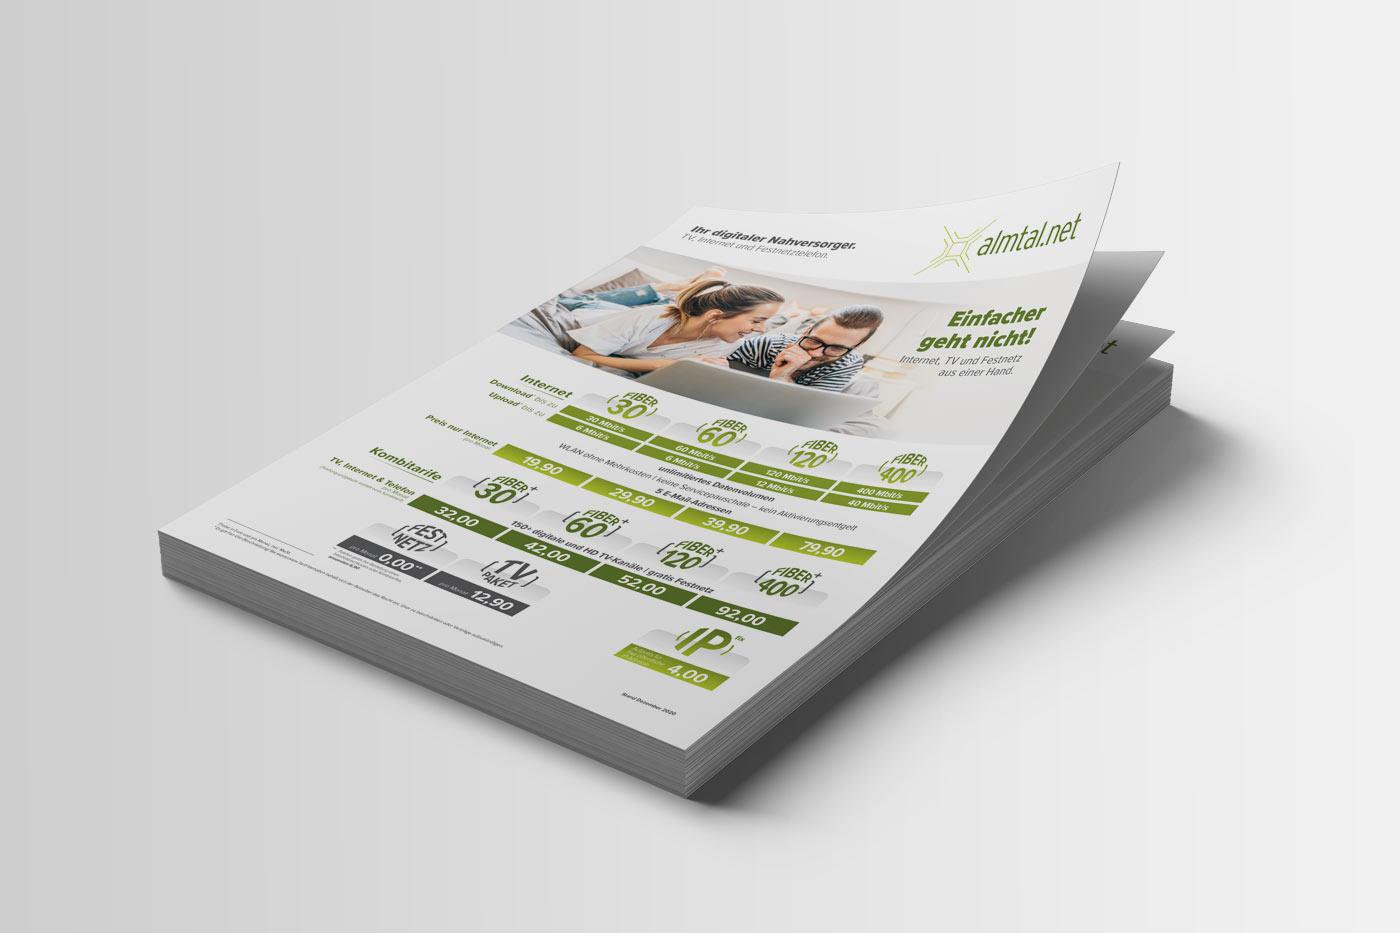 almtal.net print